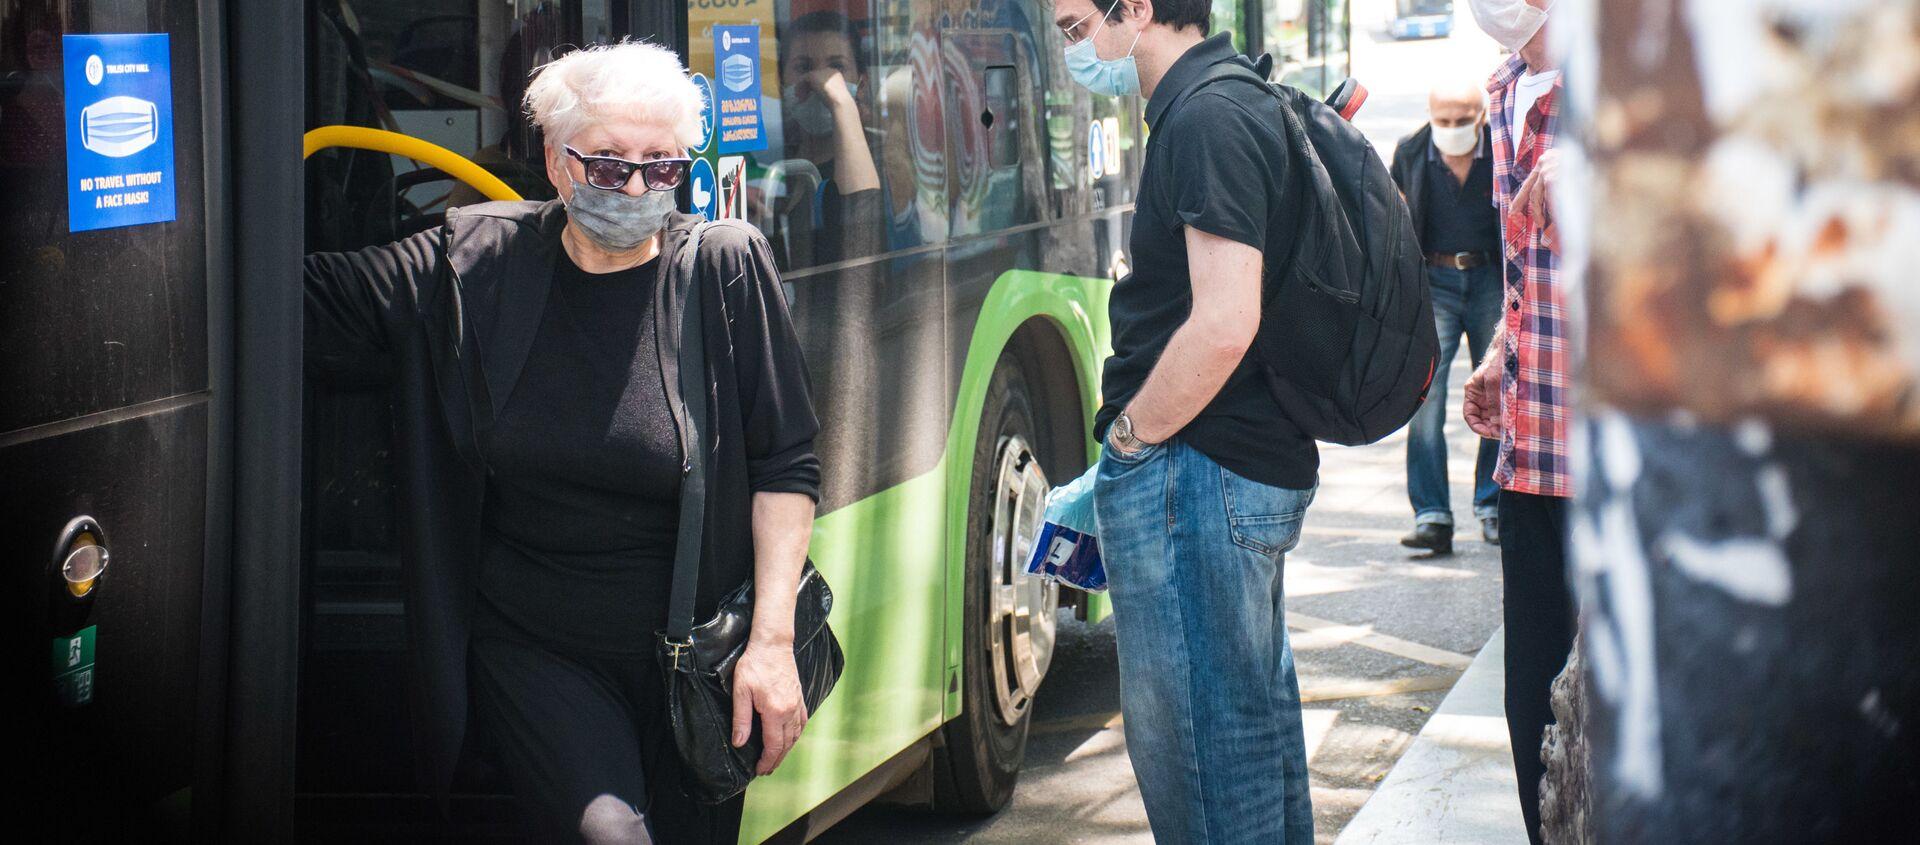 Городской транспорт. Пассажирский автобус на остановке - Sputnik Грузия, 1920, 19.06.2021